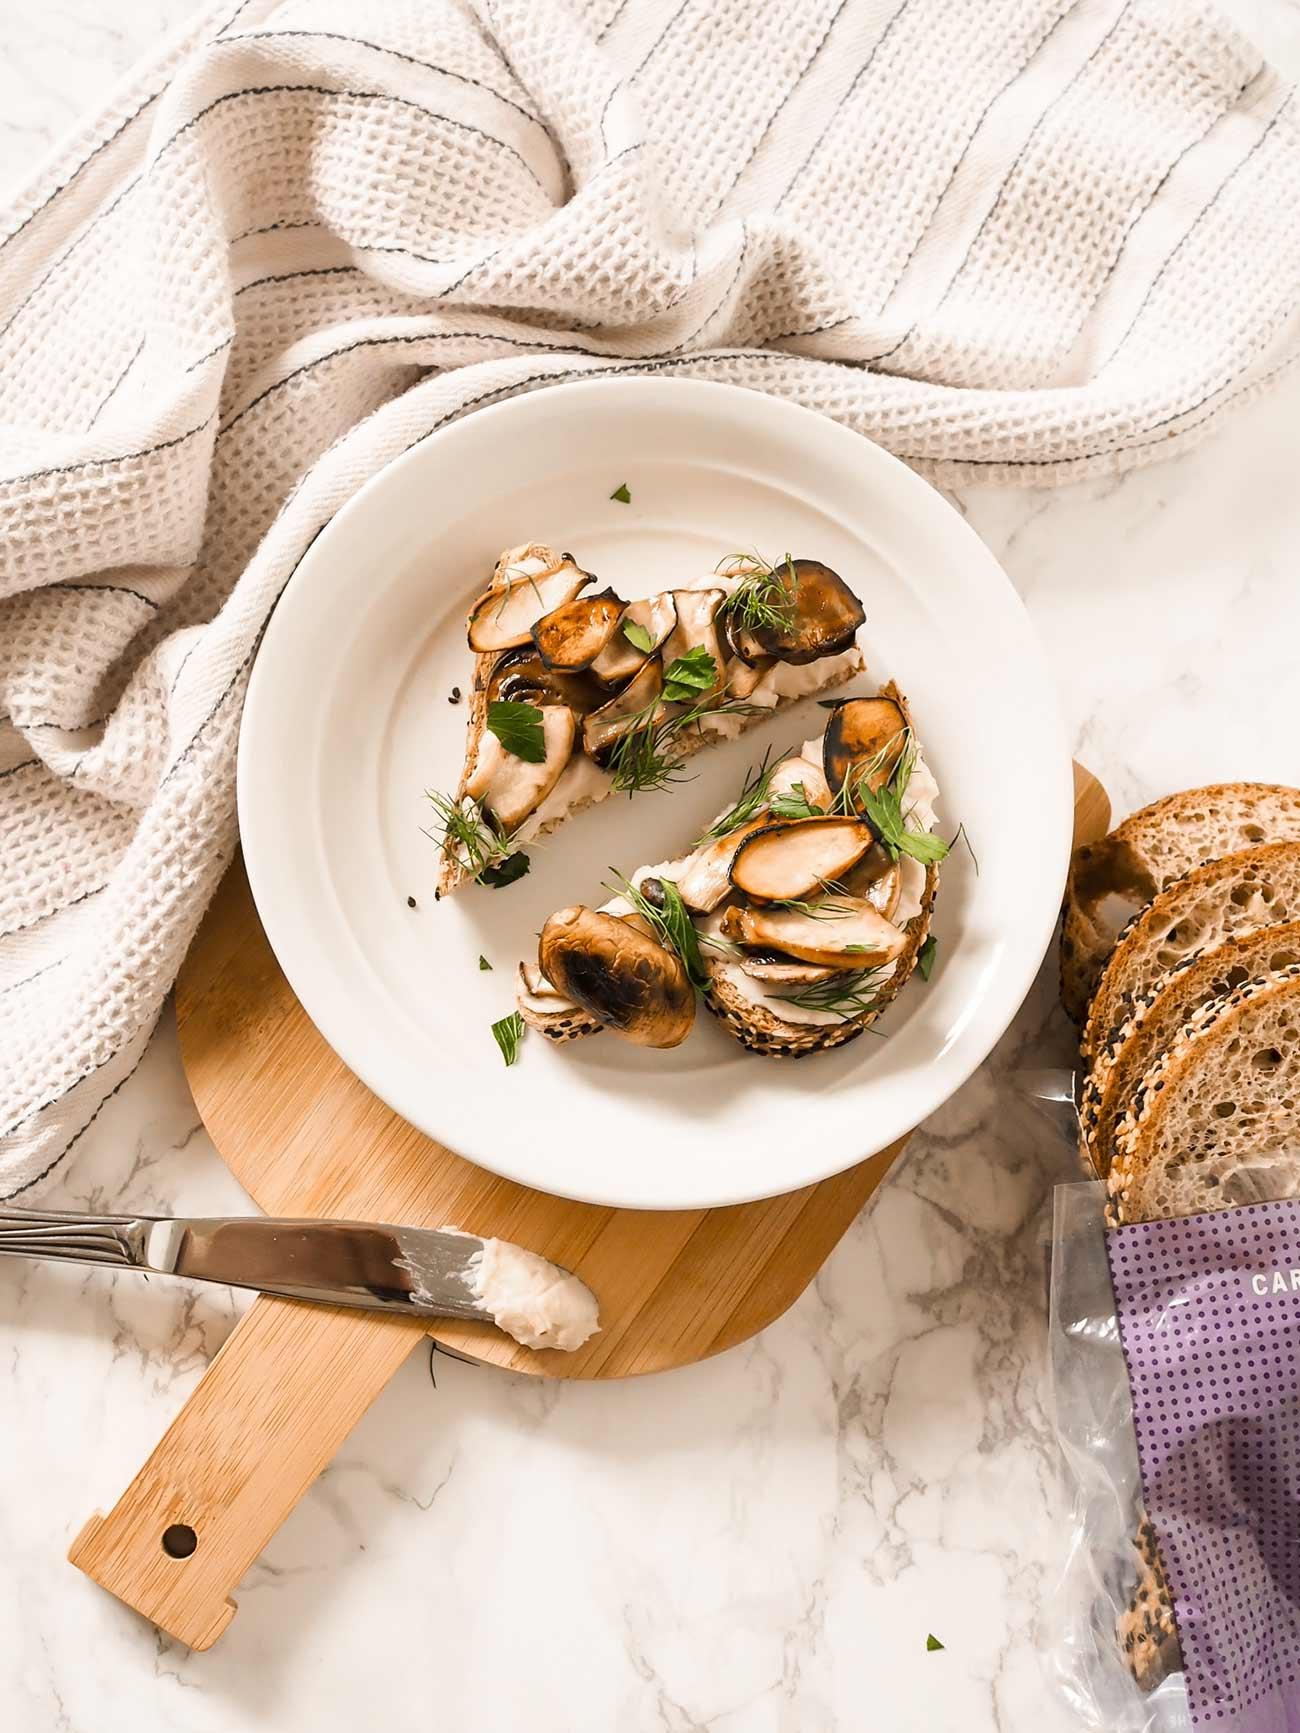 toast ideas - mushroom toast with white bean spread